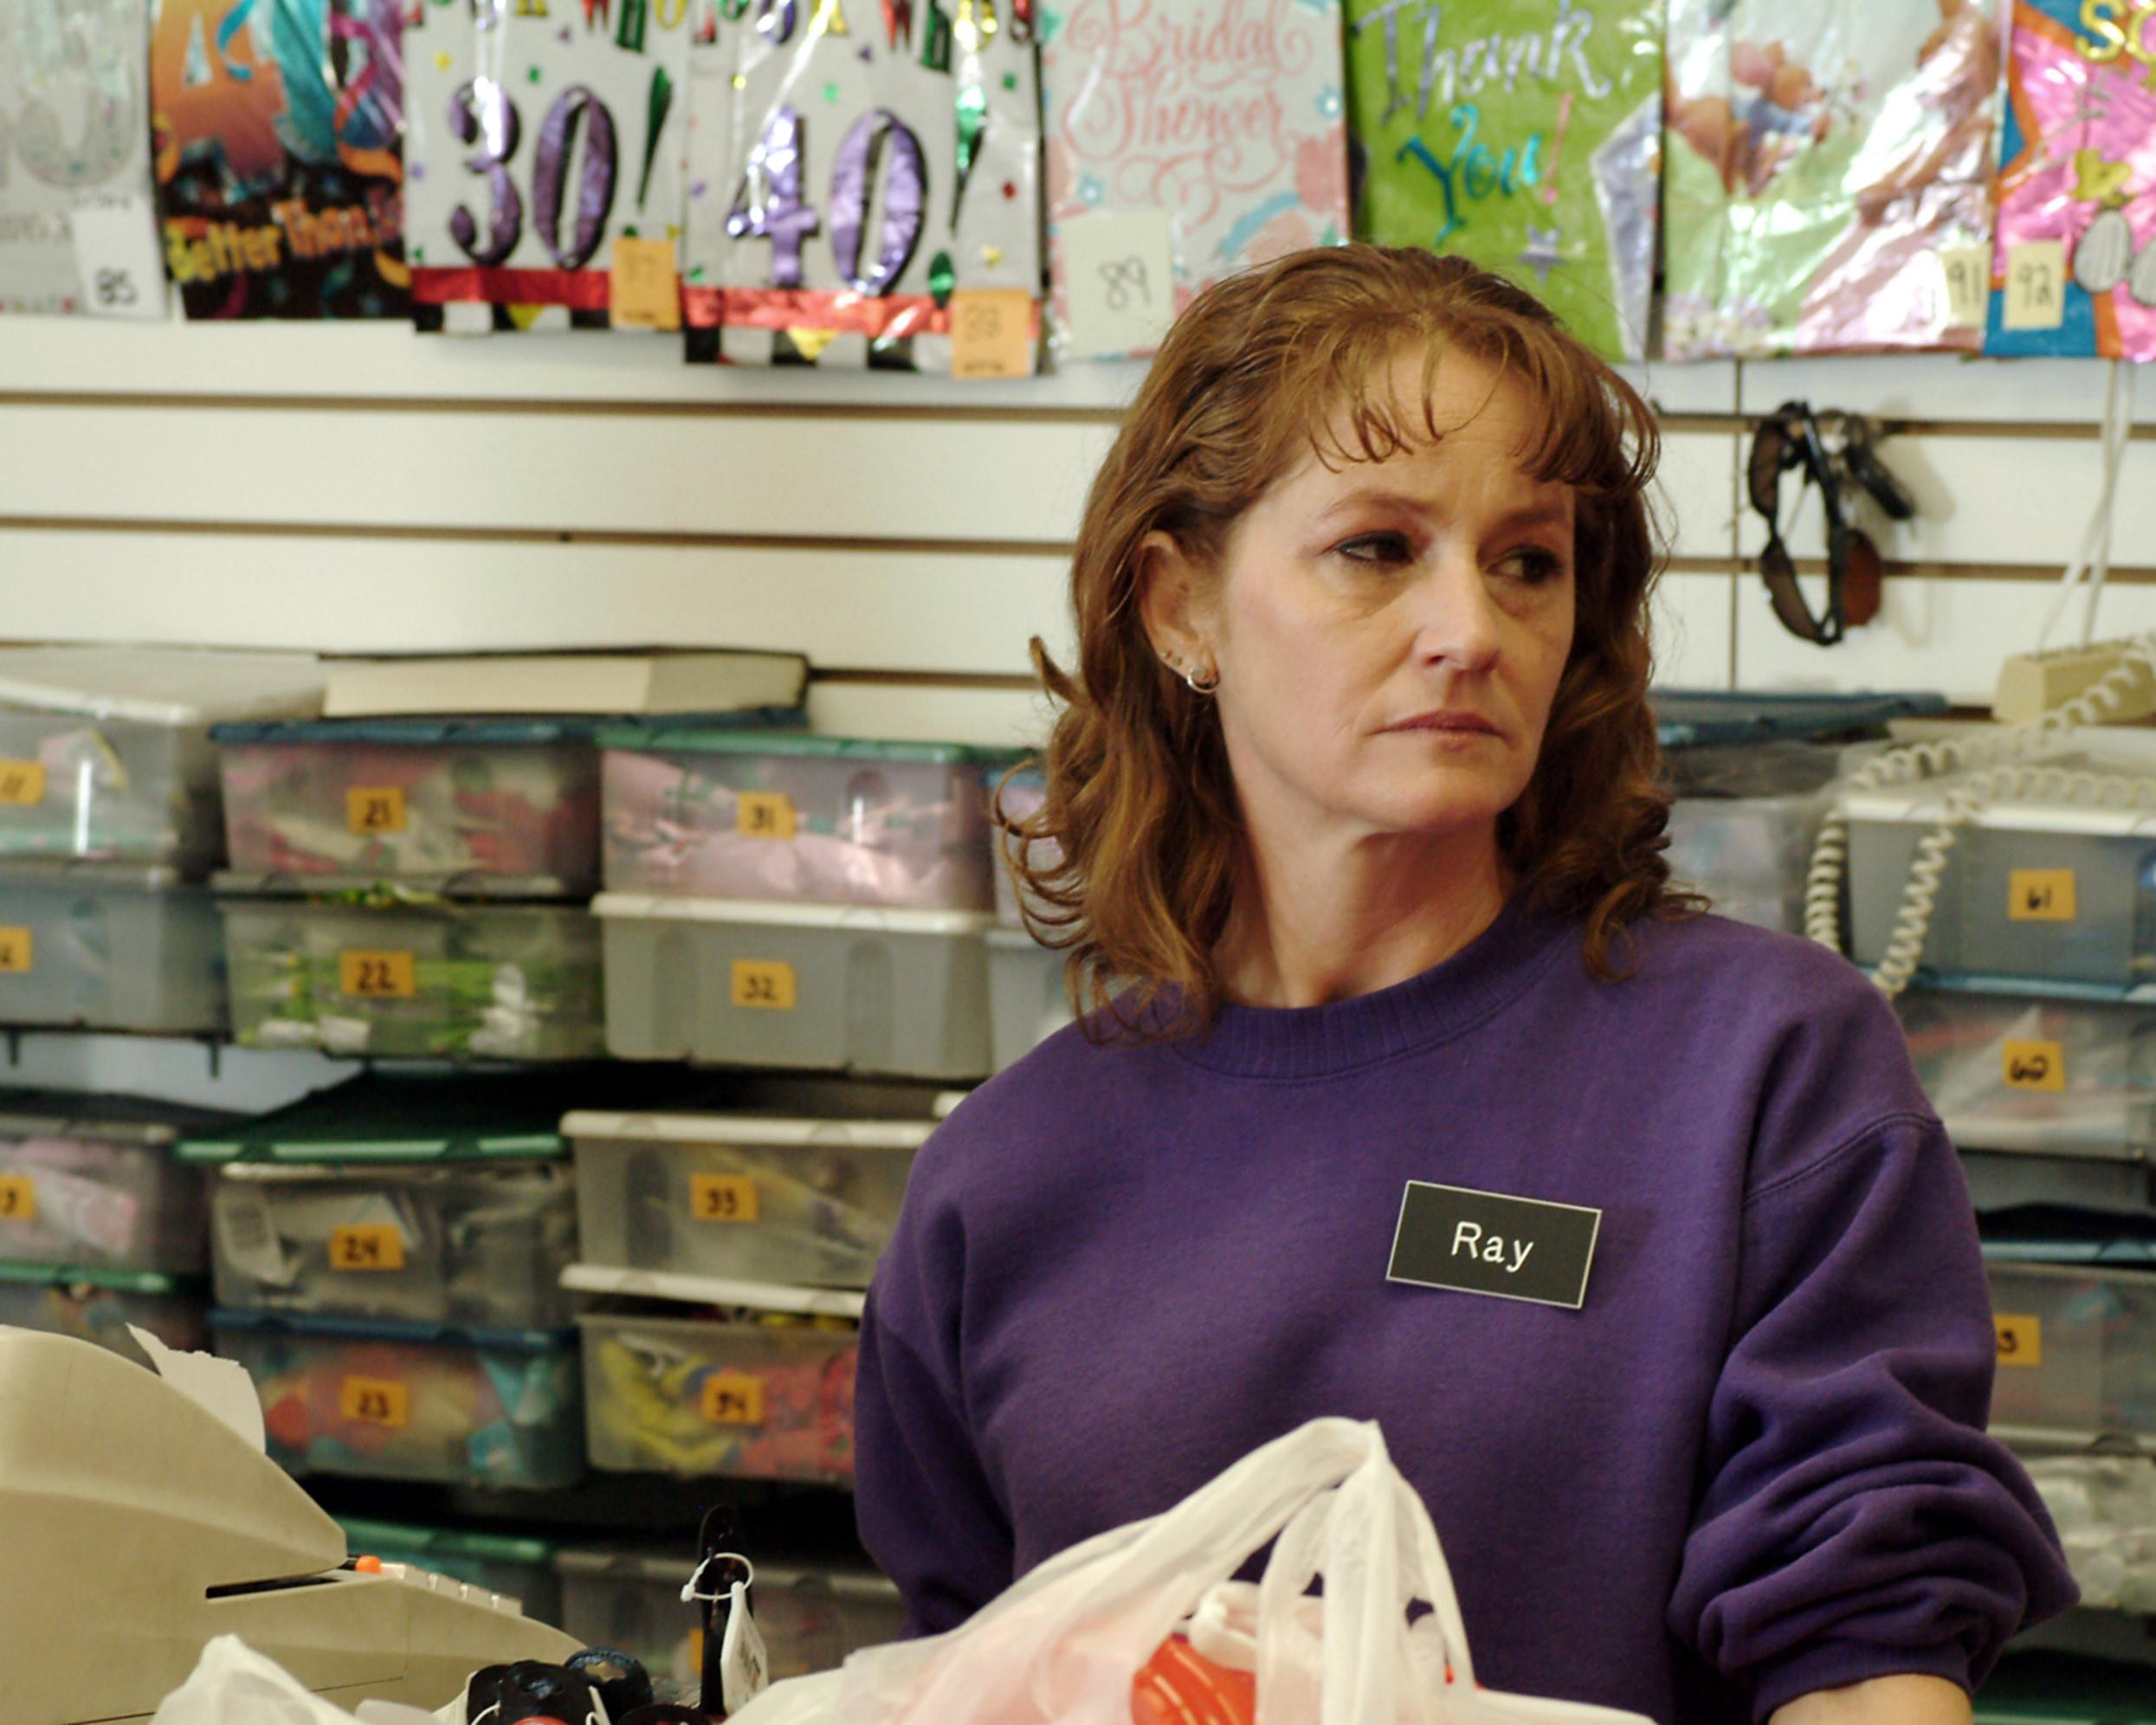 Melissa Leo stands behind a cash register